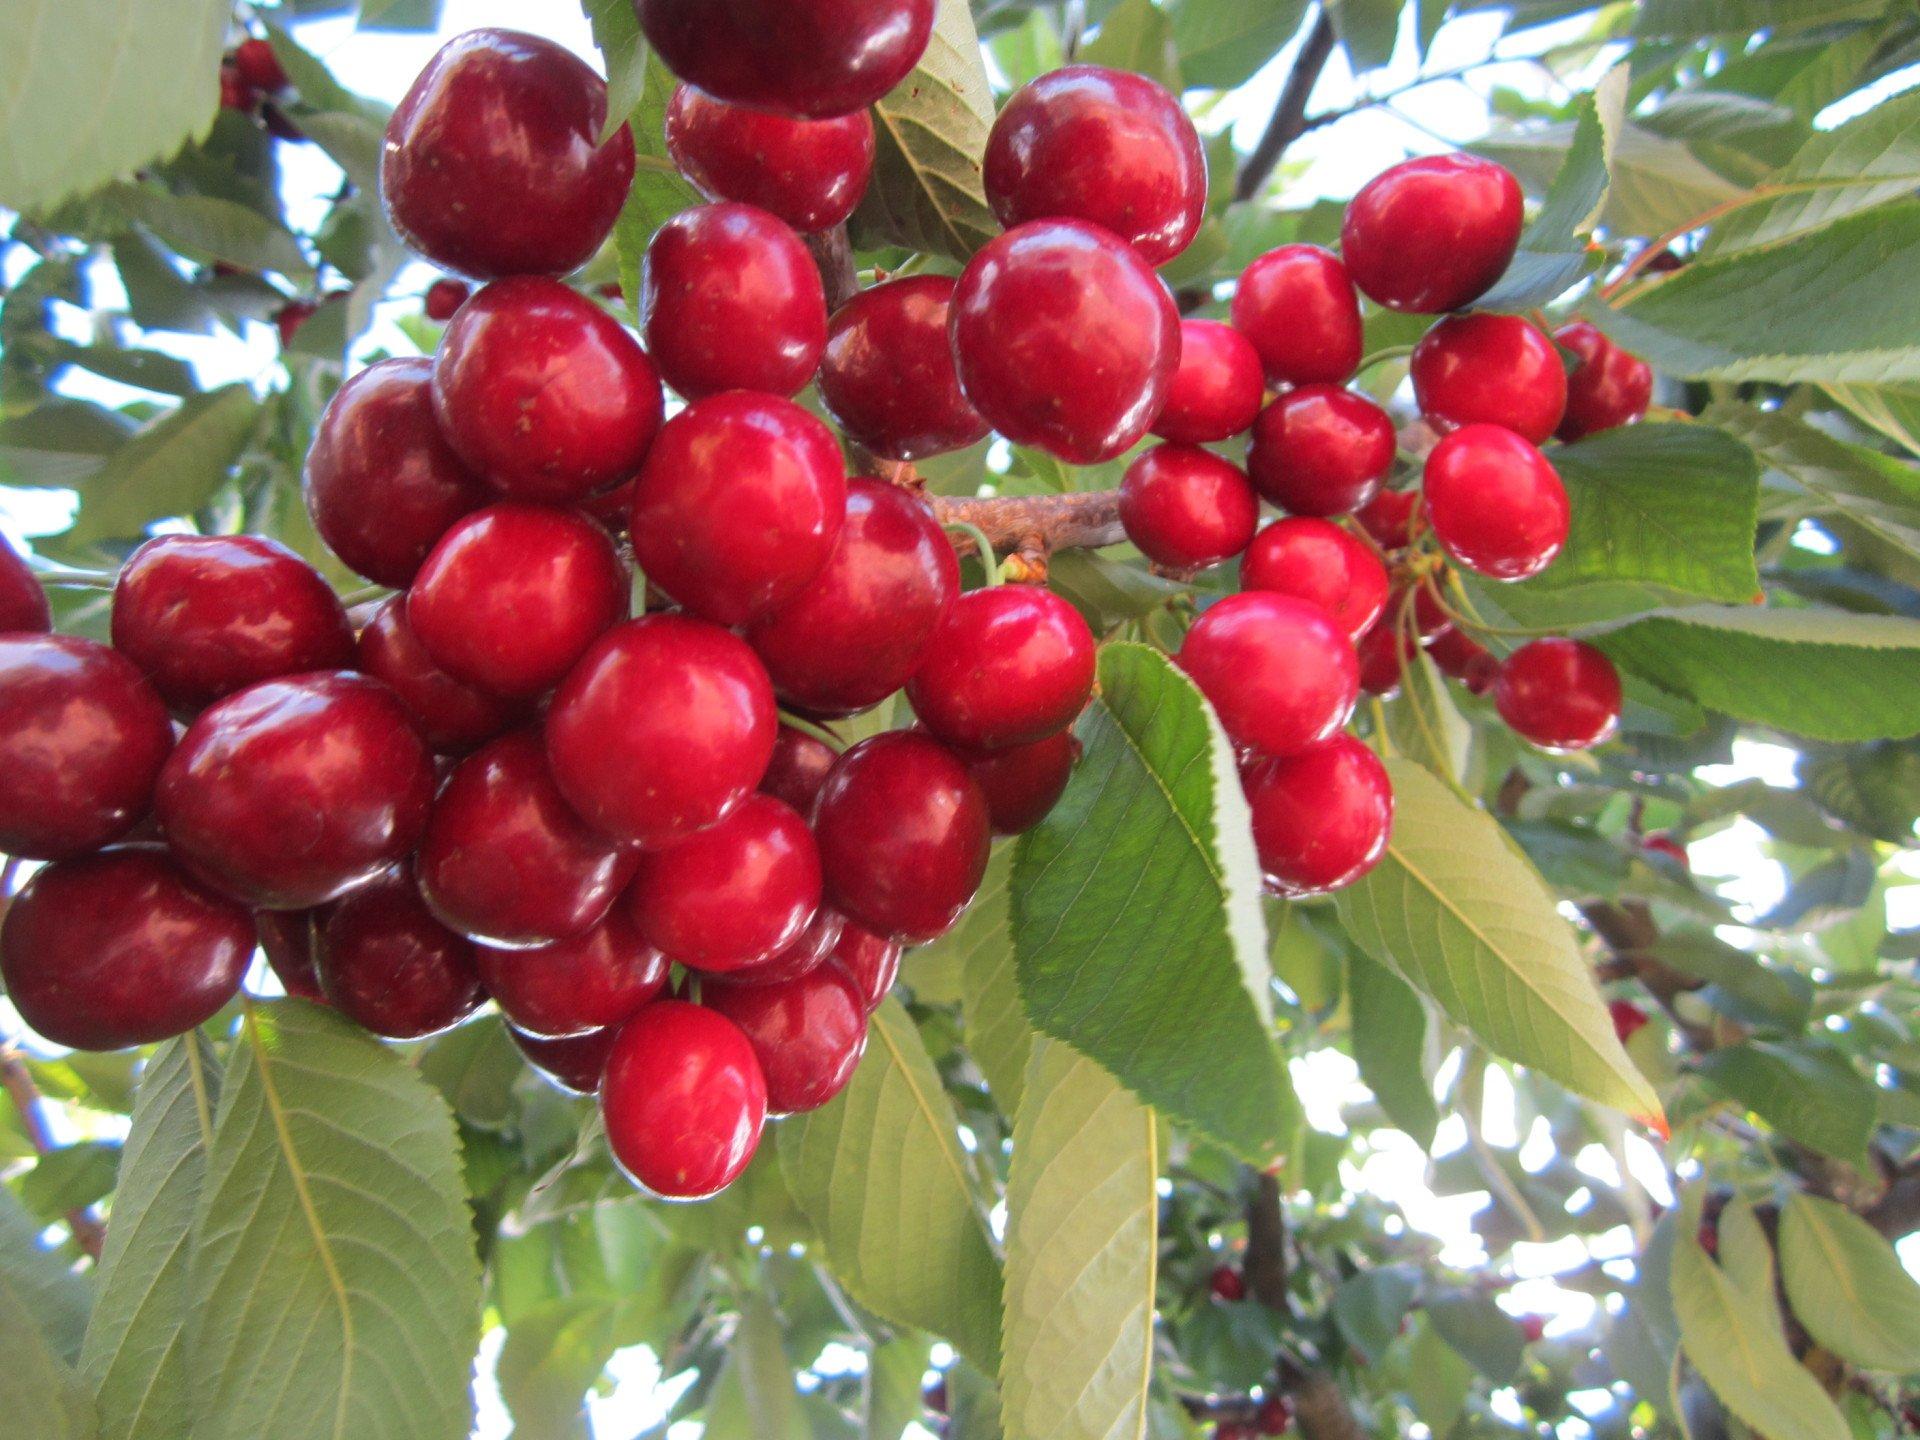 Immagini Di Piante E Alberi piante da frutto - vivai lello grasso | avellino